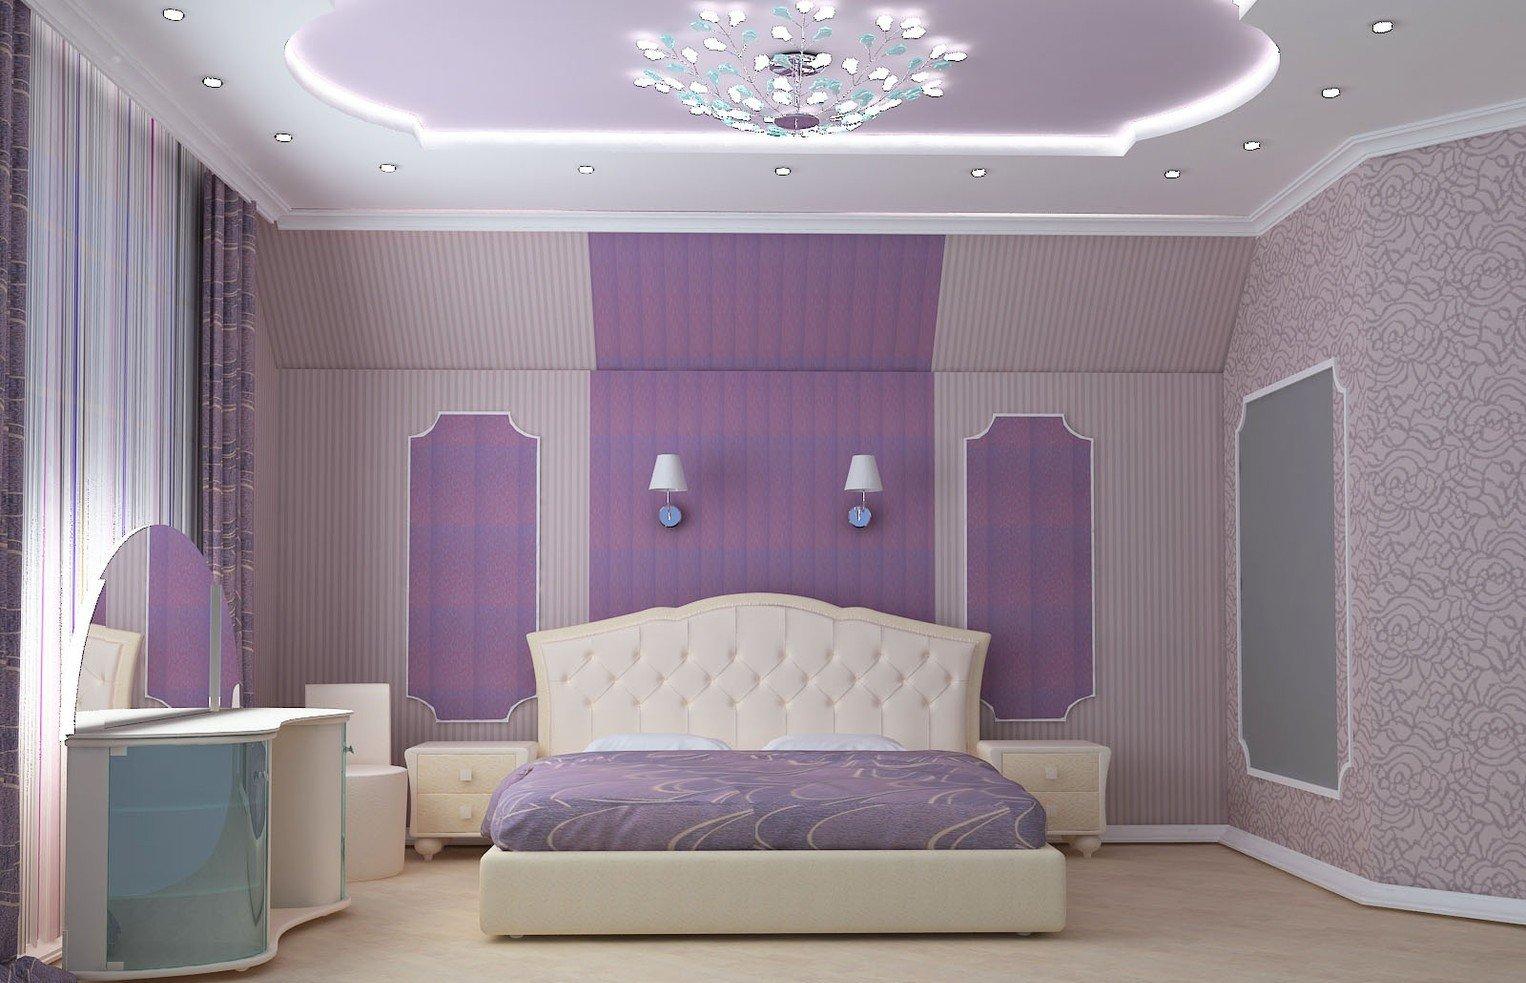 сиреневые обои в спальне дизайн фото вниманию предлагаем рейтинг